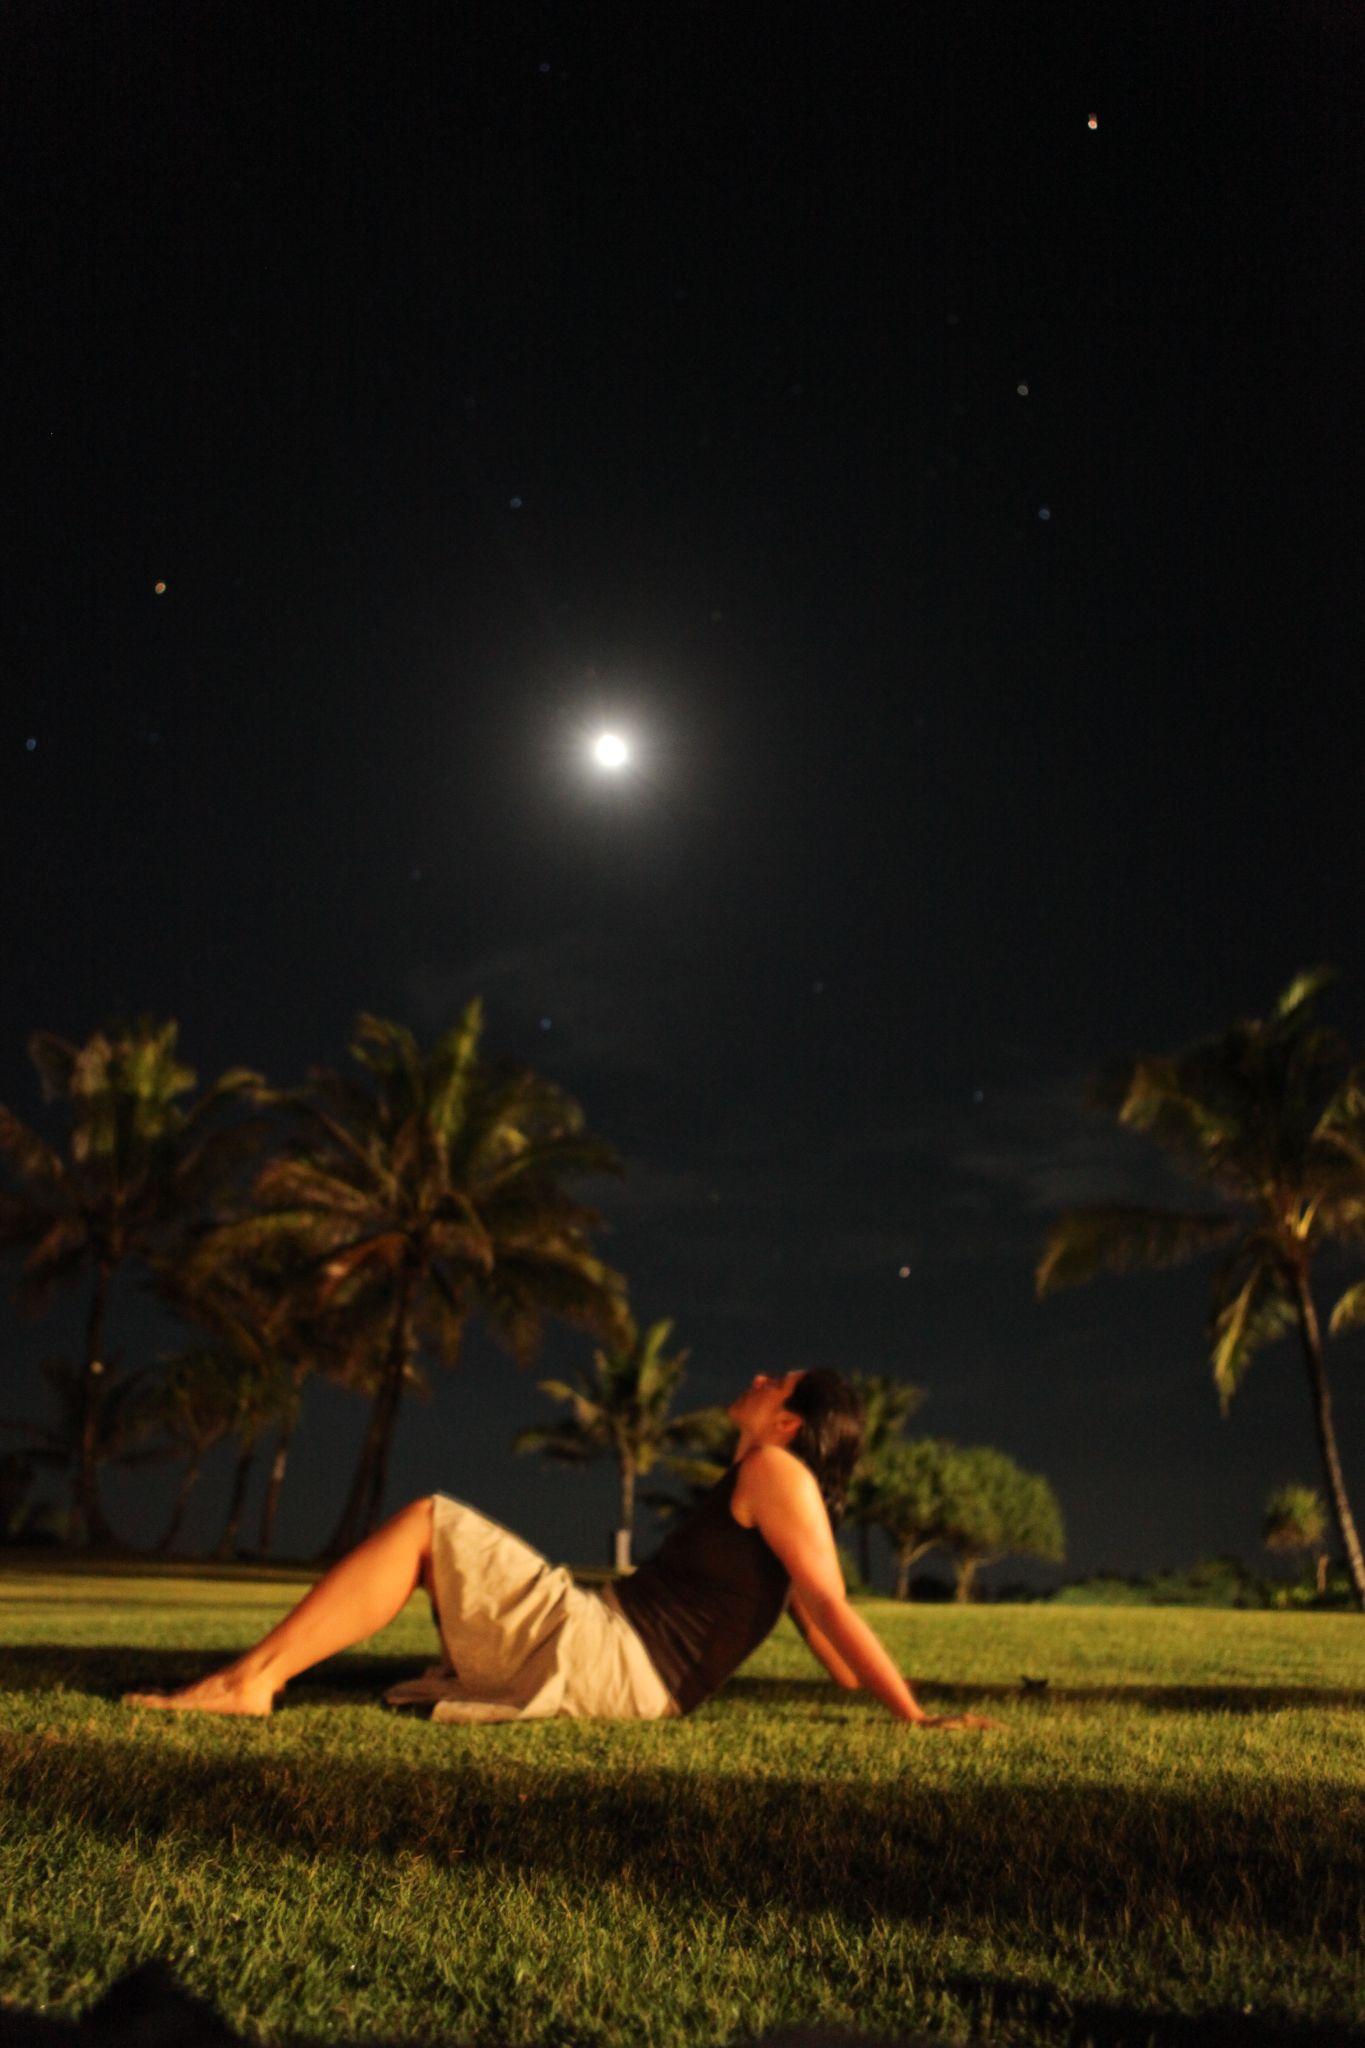 Bright Night by nader eskandari